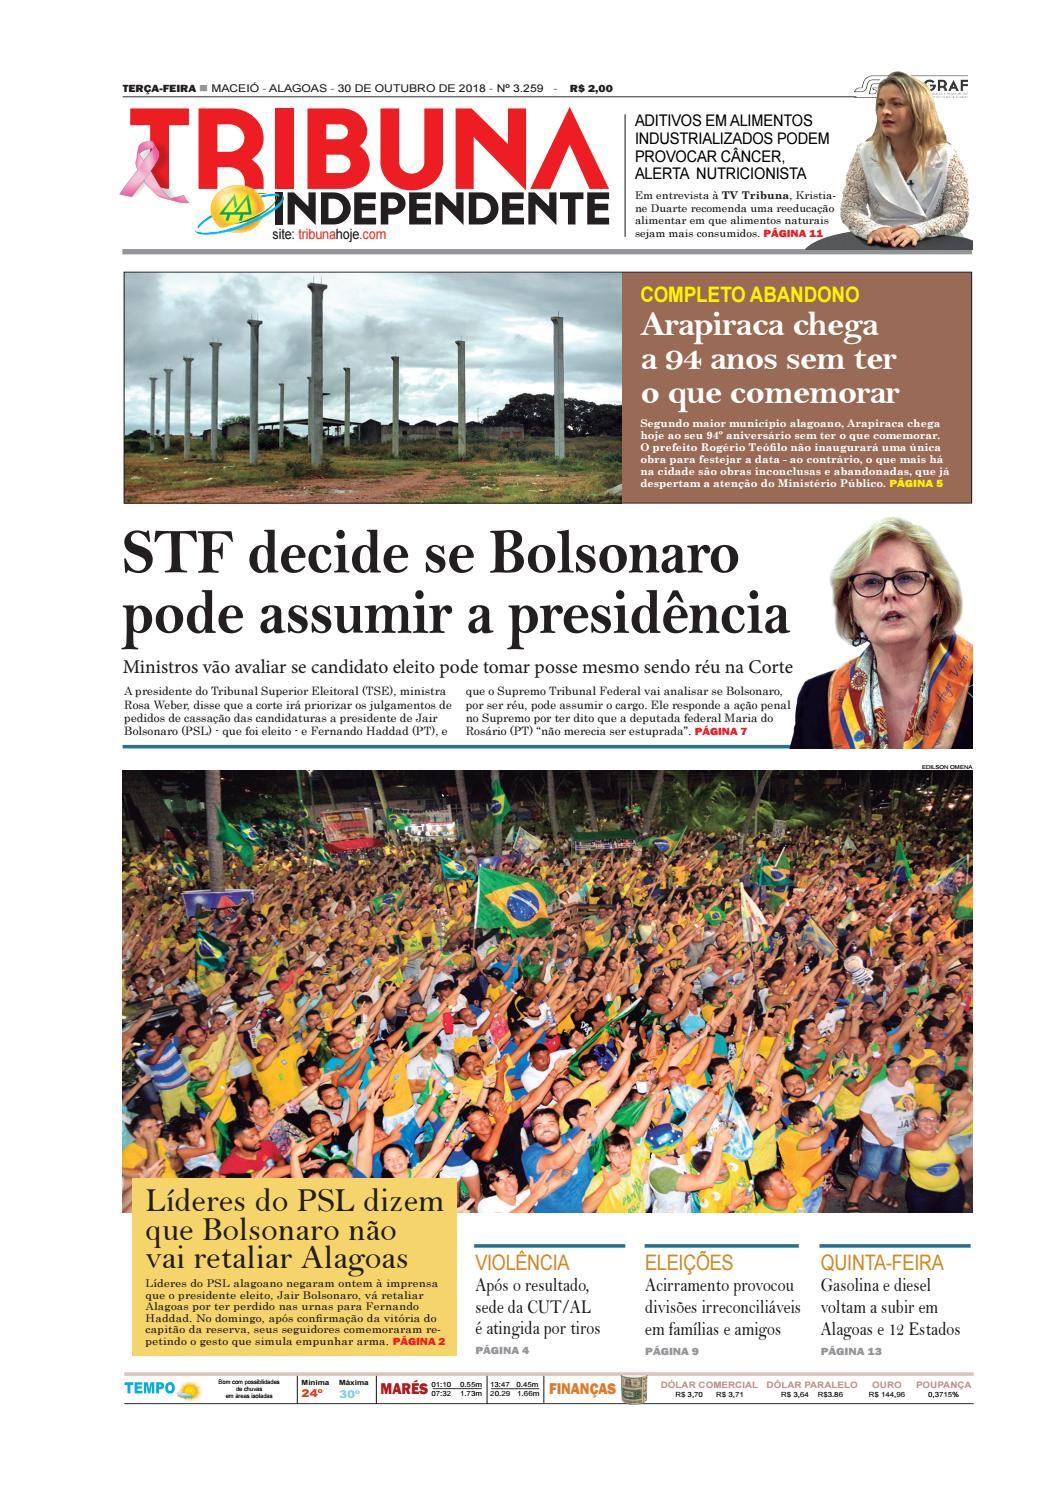 7875c5f3e4 Edição número 3259 - 30 de outubro de 2018 by Tribuna Hoje - issuu